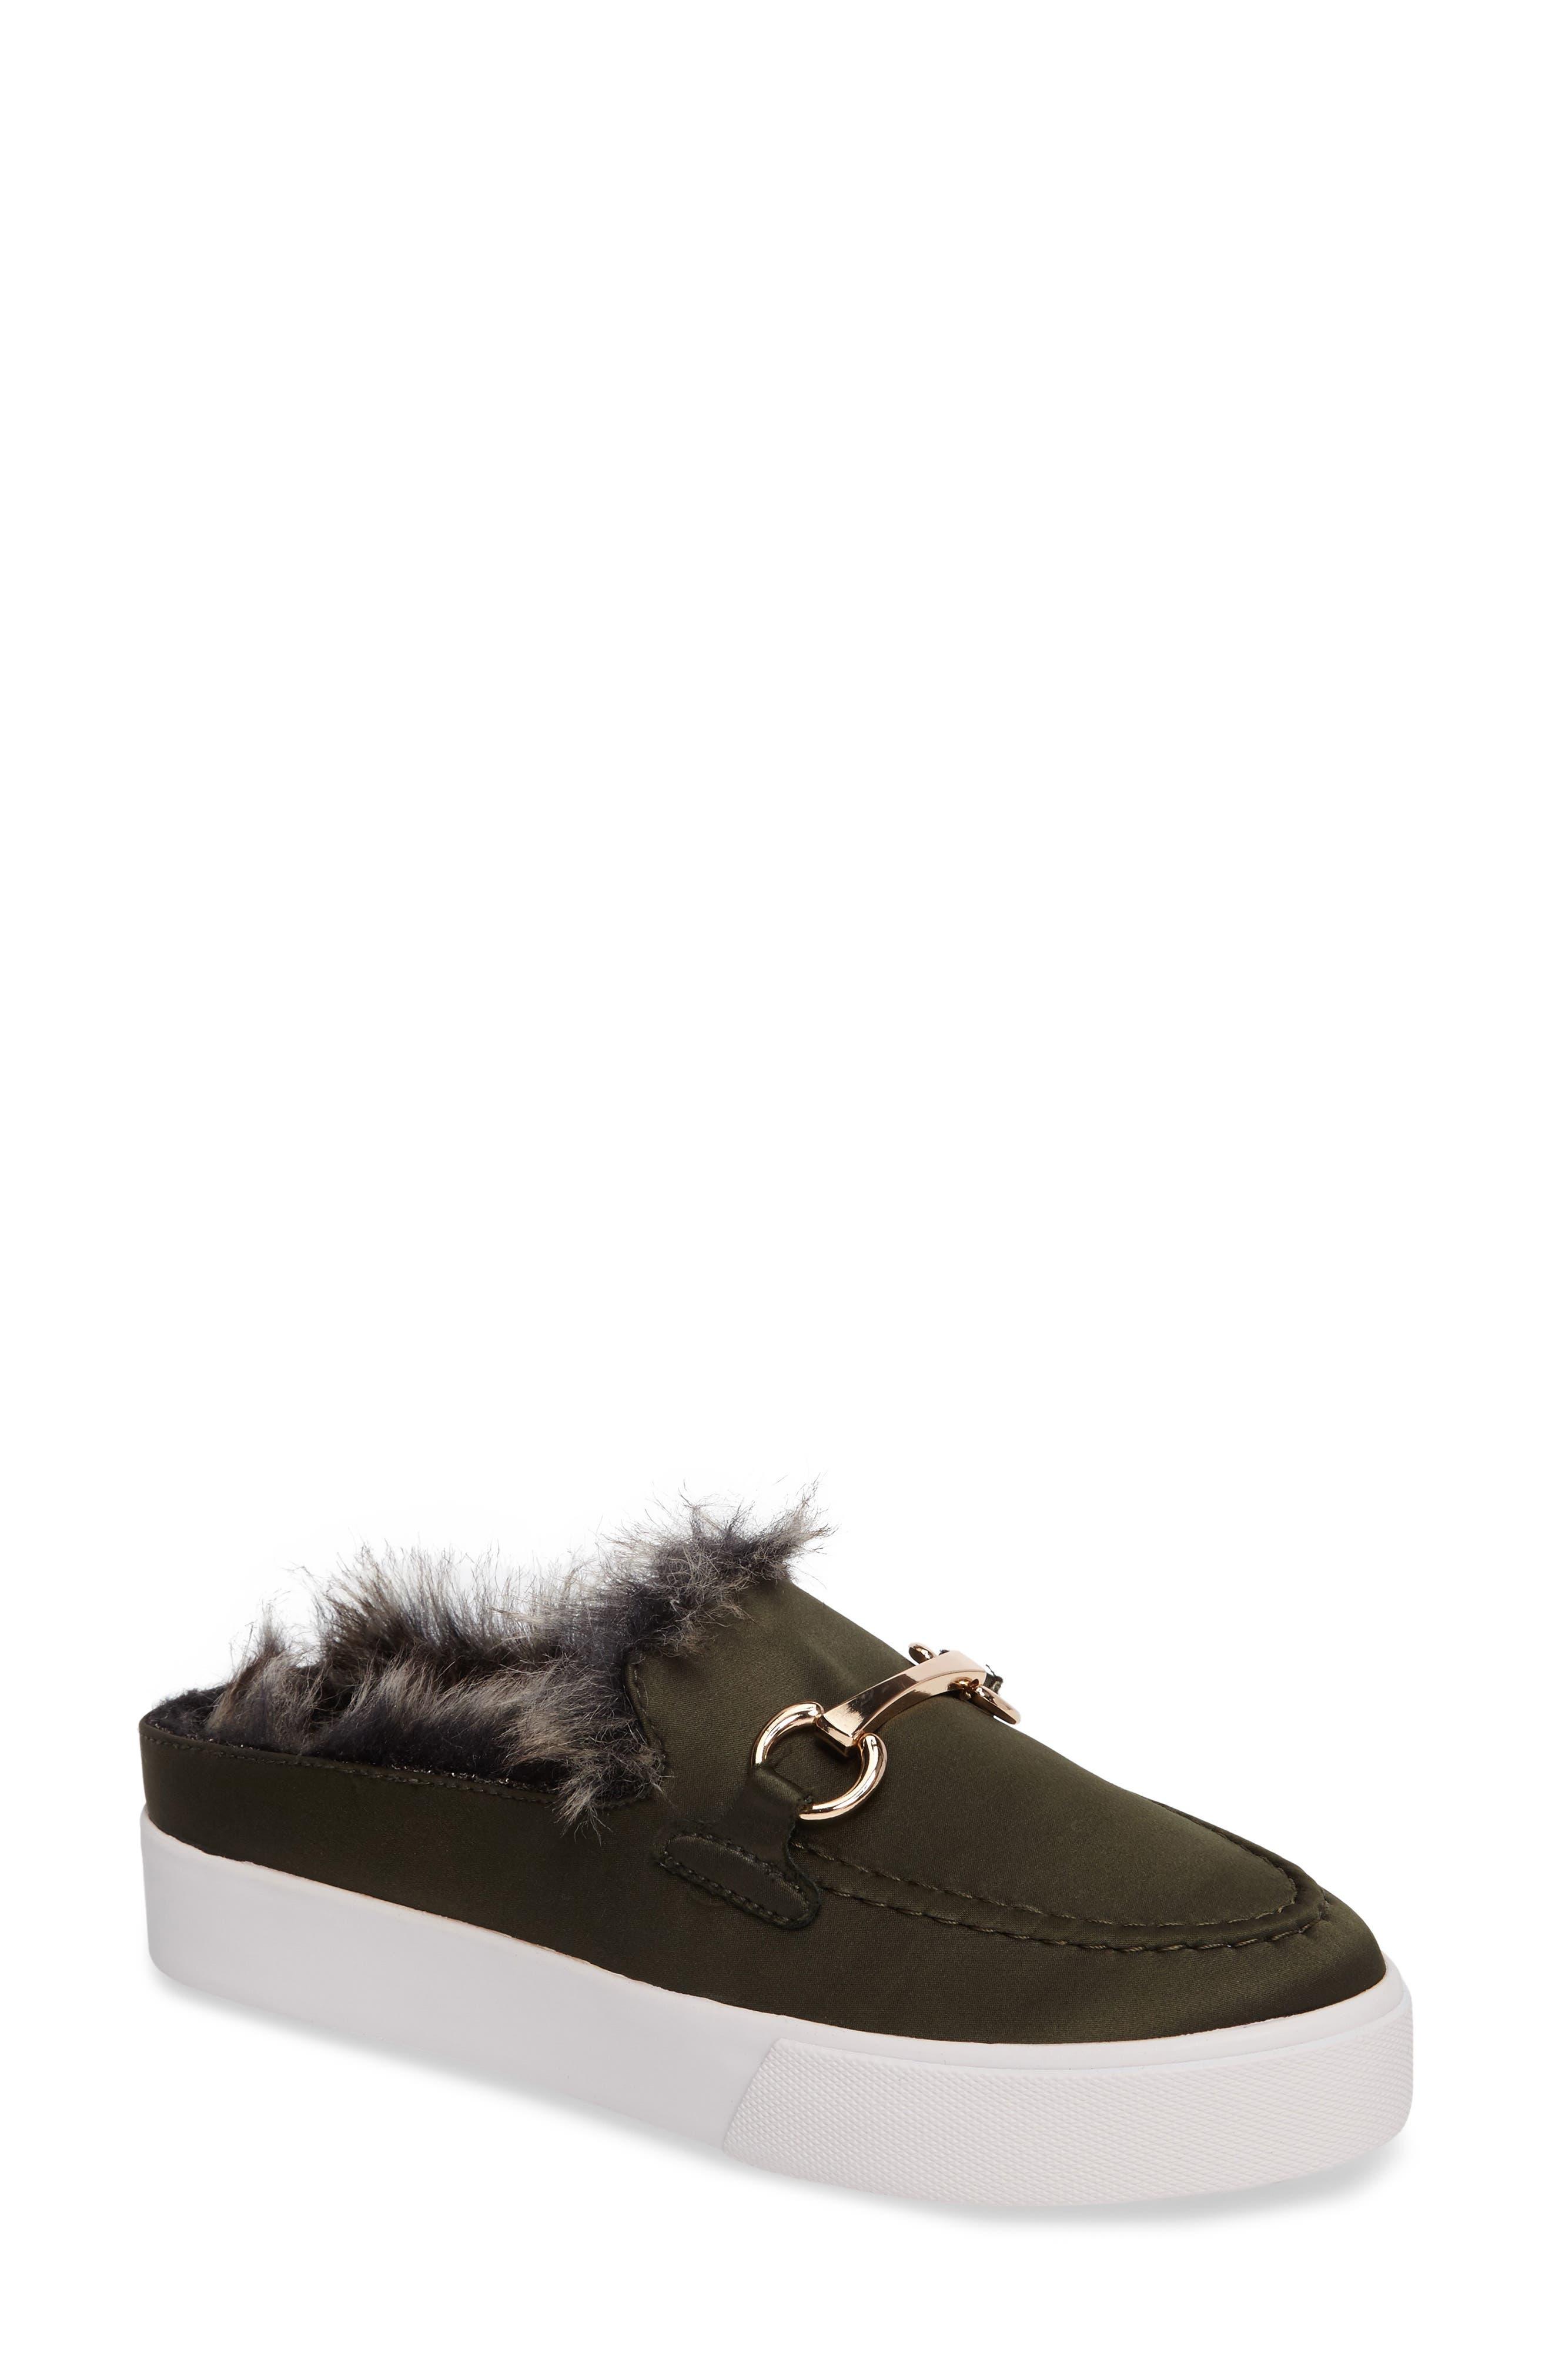 JEFFREY CAMPBELL Tico Faux Fur Sneaker Mule